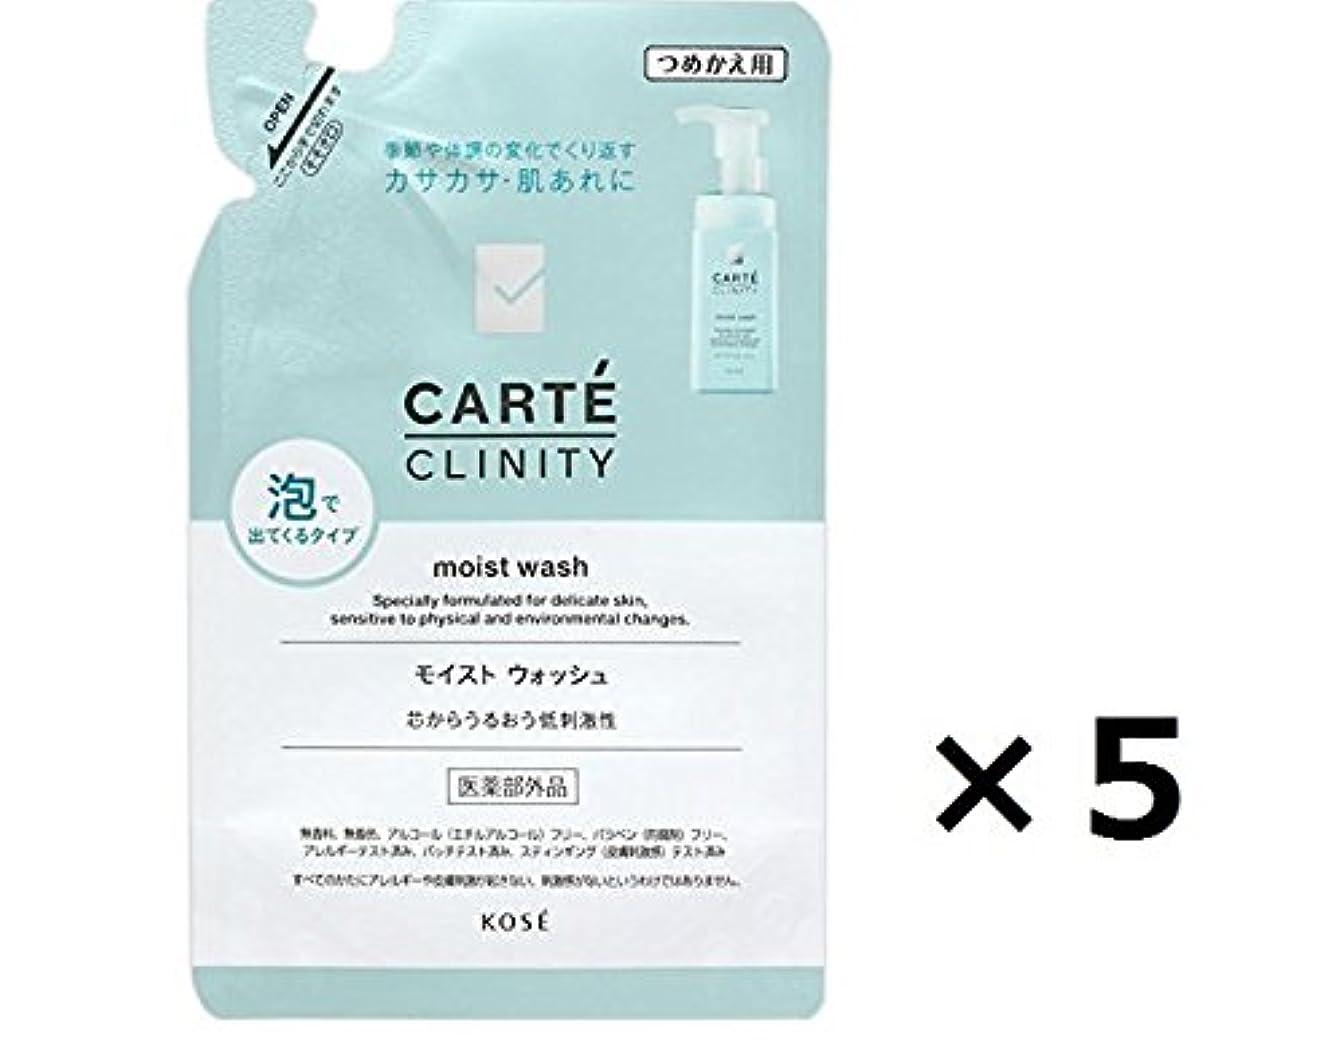 【5本セット】 [KOSE] カルテ クリニティ モイスト ウォッシュ 145ml レフィル (医薬部外品)